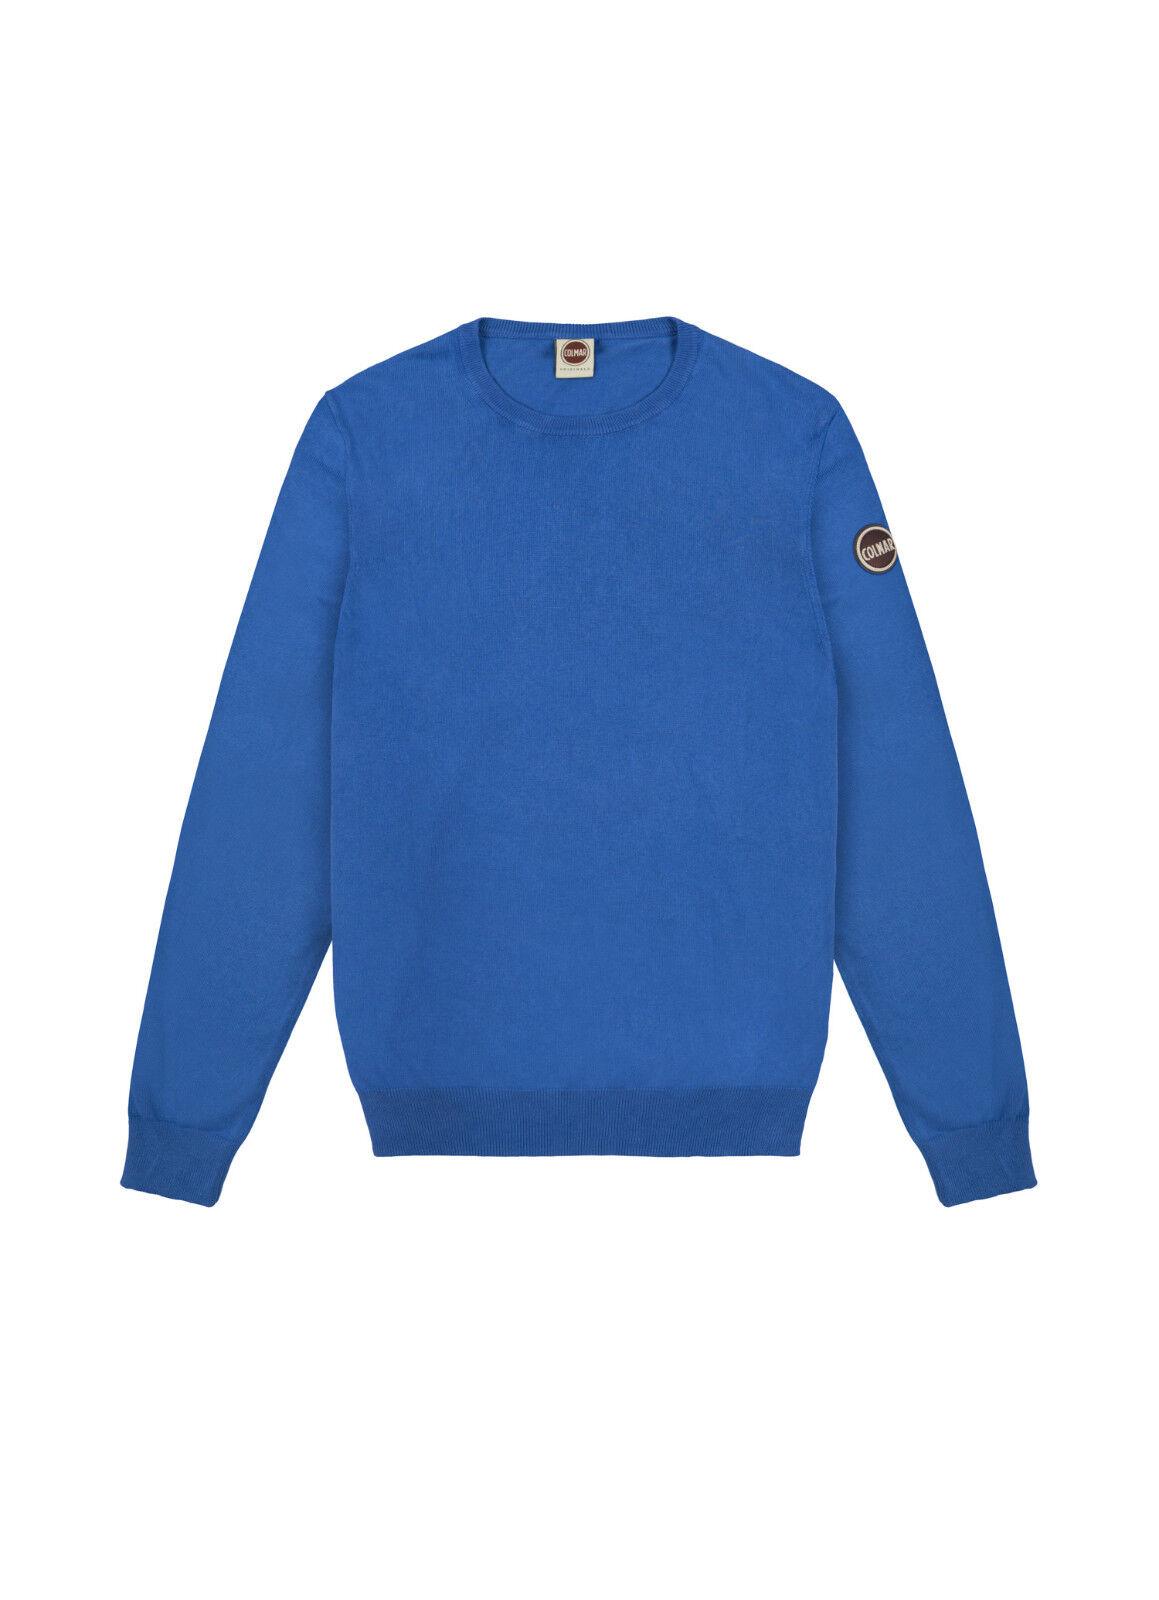 Pullover Pullover Pullover Uomo COLMAR 4453 T 2QC Effect Maglia Felpa Nera Blu verde Cotone NUOVO 9dc9a5